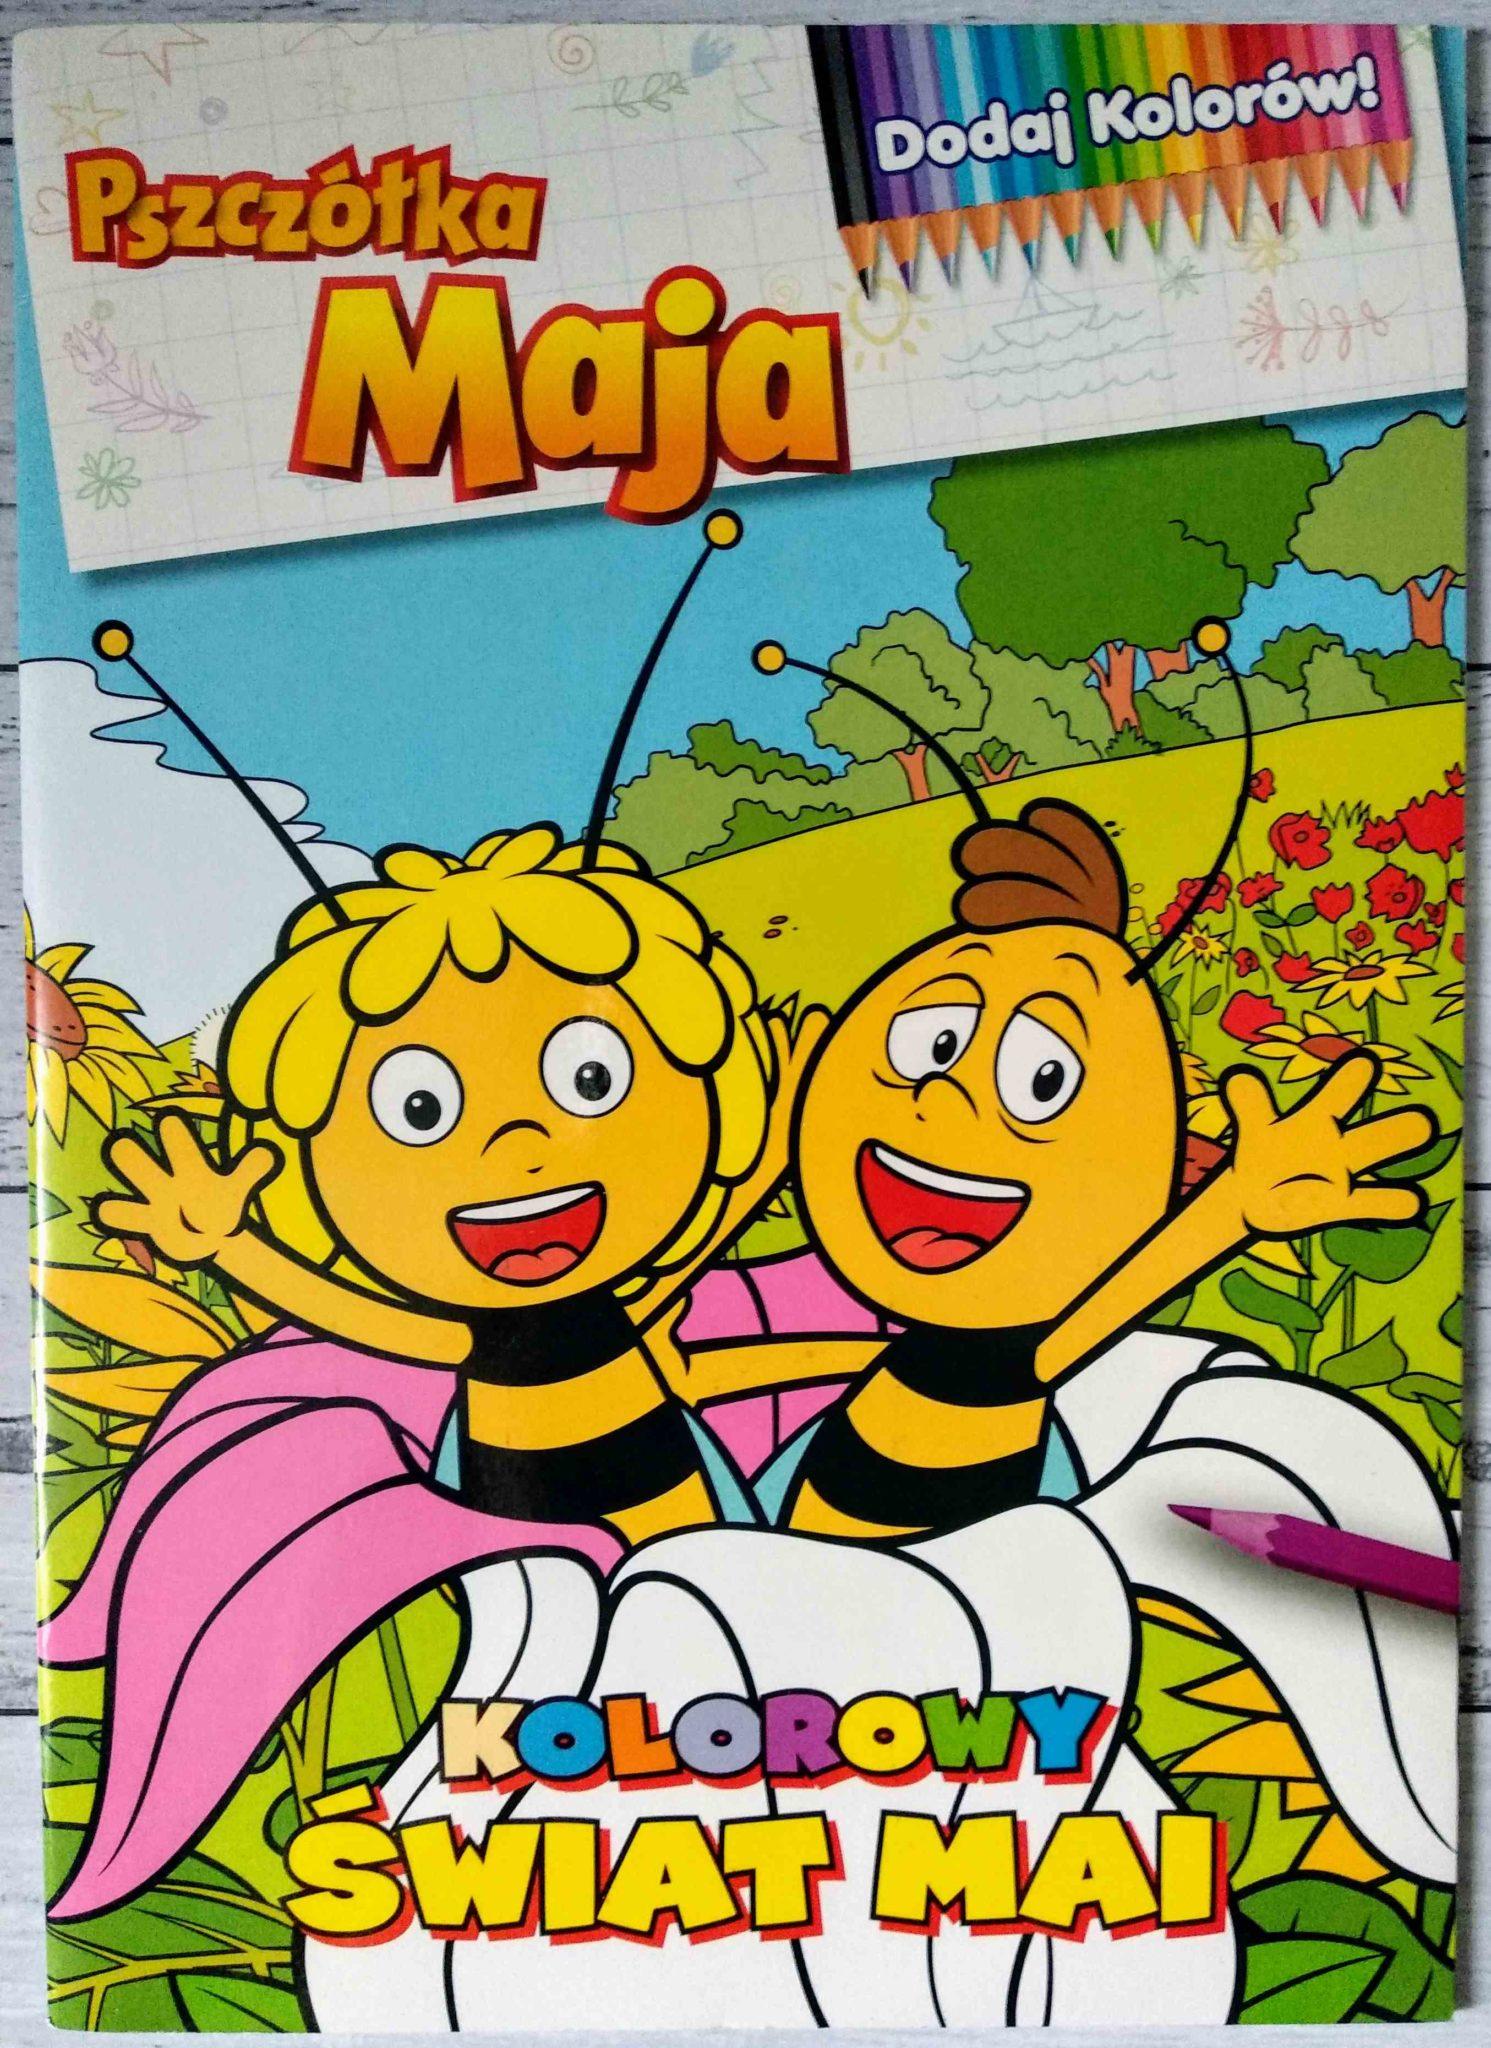 IMG 20191103 132835 - Przegląd nowości od Media Service Zawada - książeczki